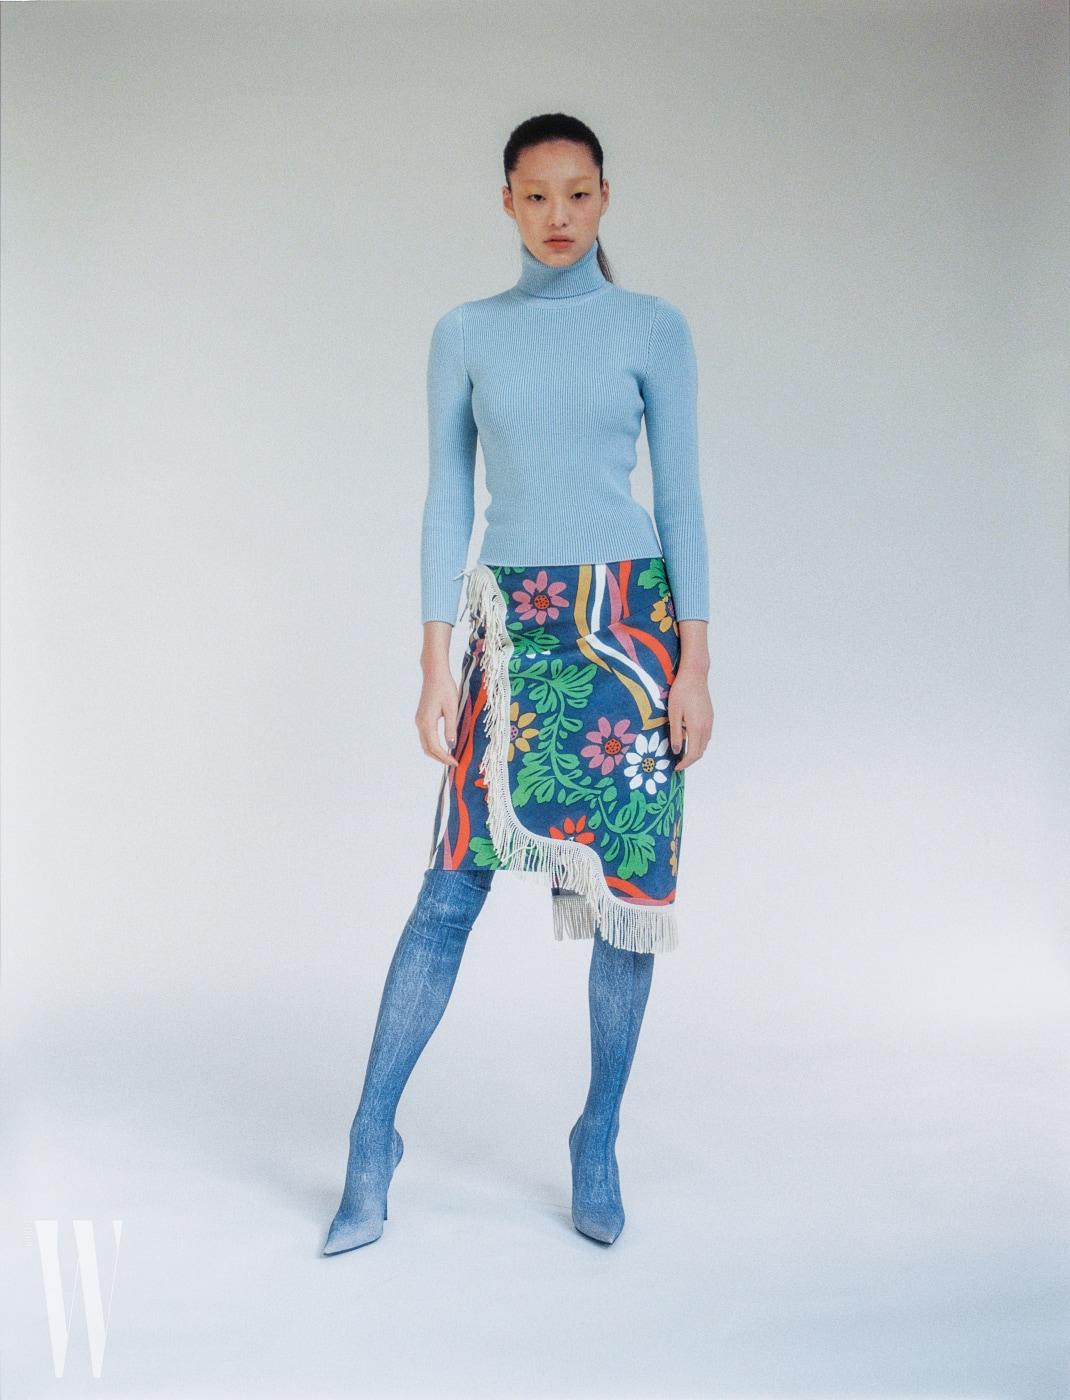 하늘색 터틀넥과 술 장식 꽃무늬 스커트, 데님 부츠는 모두 발렌시아가 제품. 가격 미정.